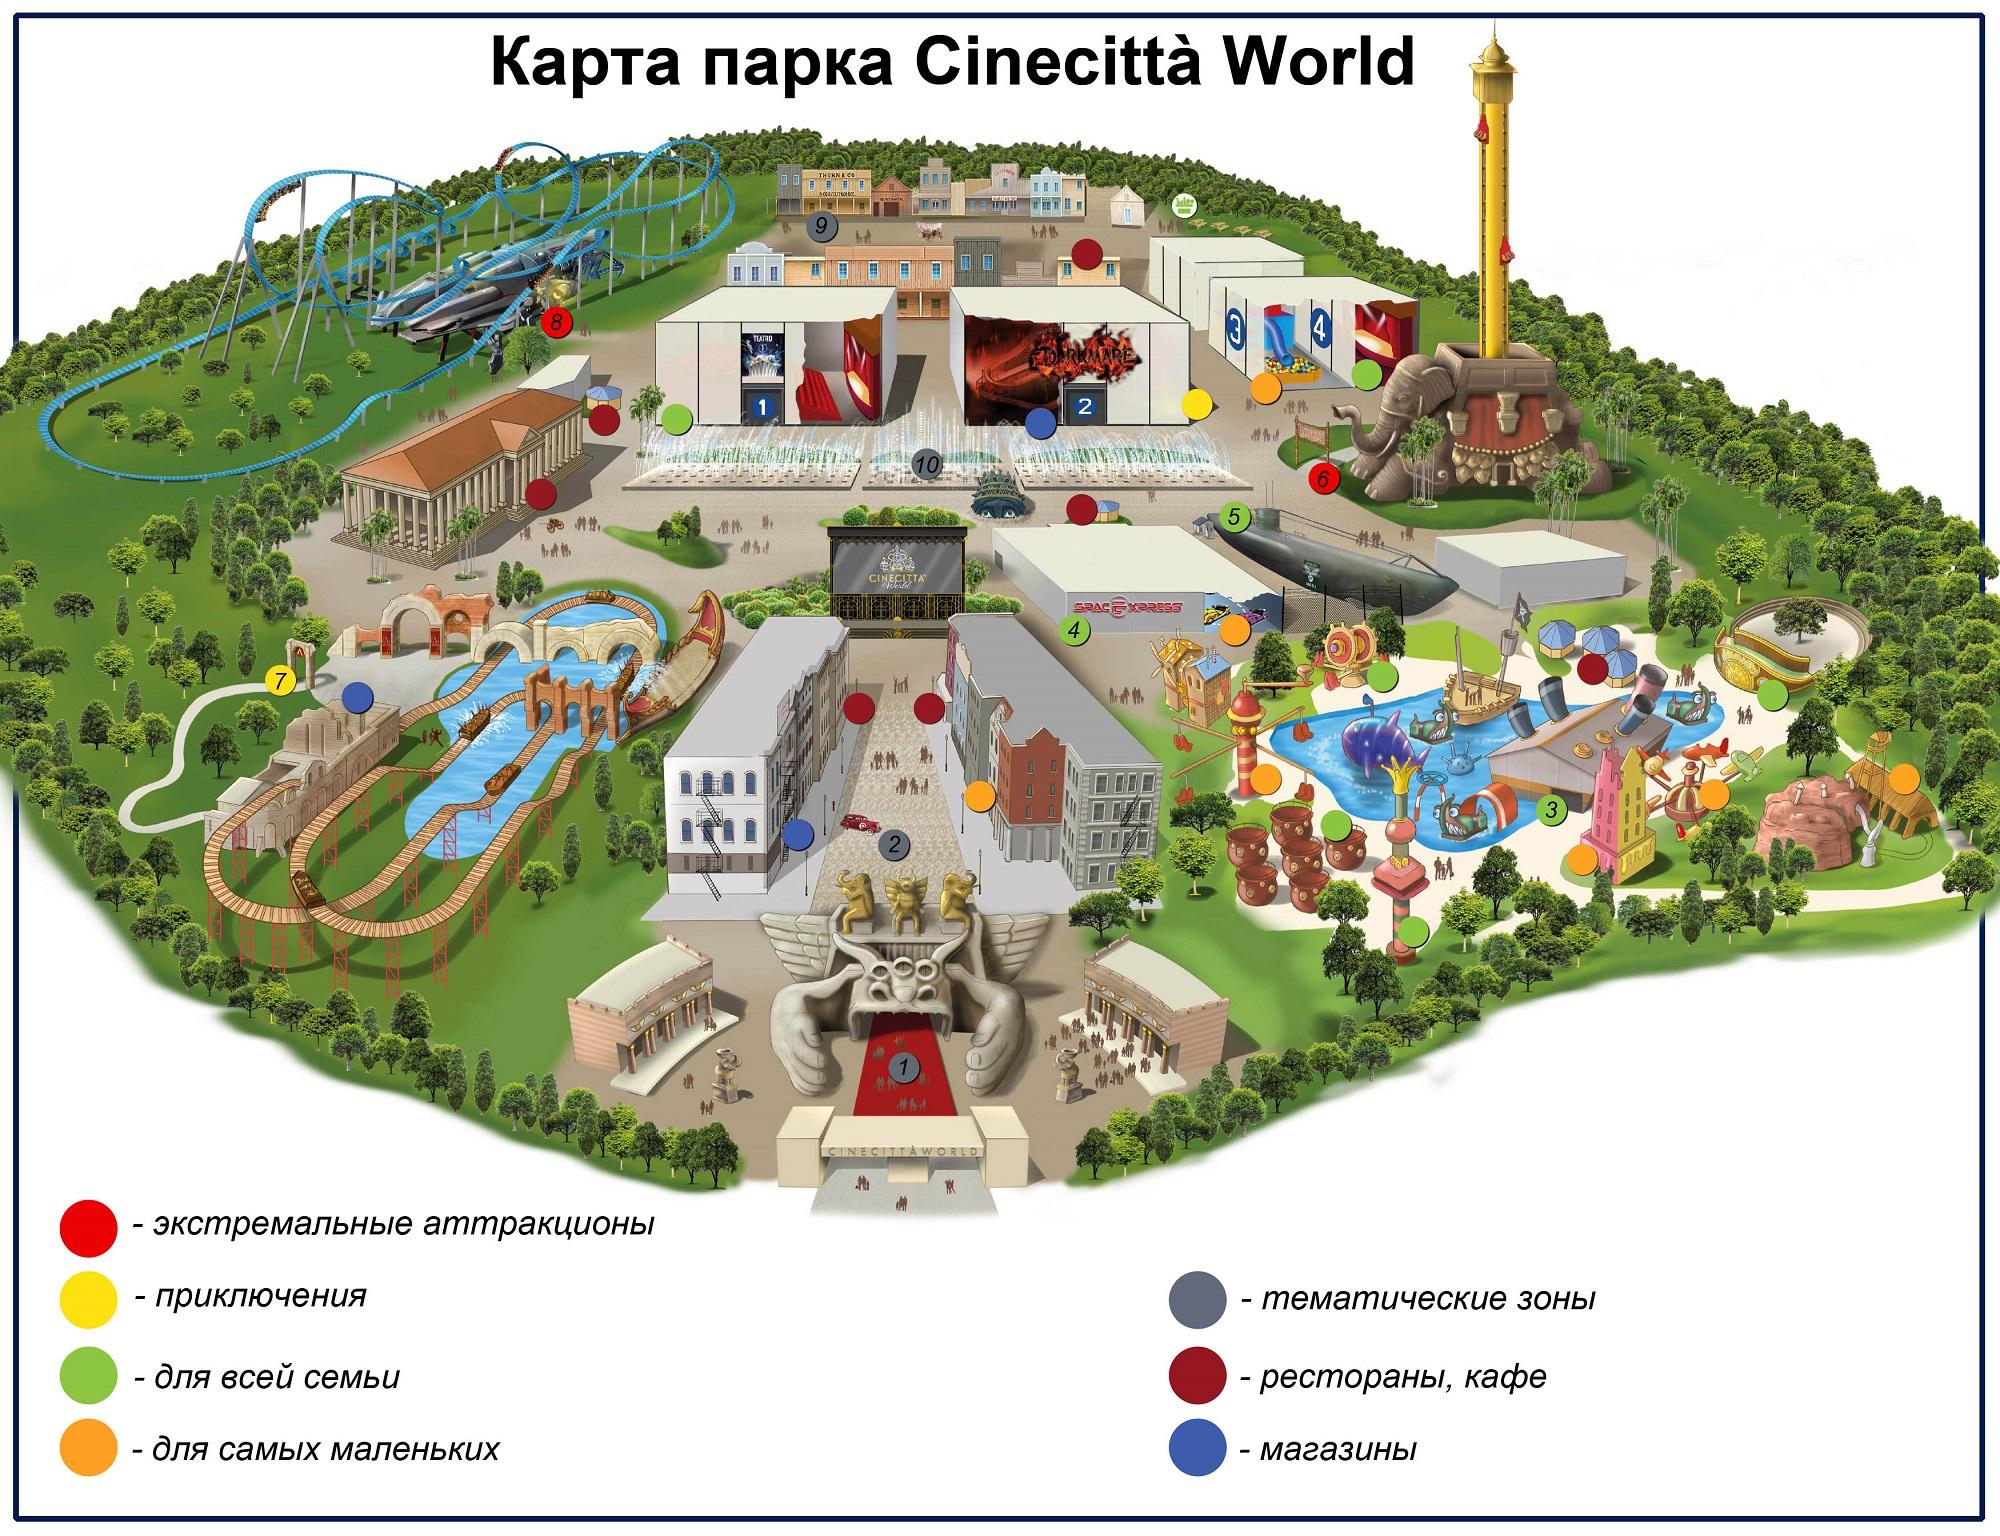 Карта кино-парка «Мир Чинечитты»